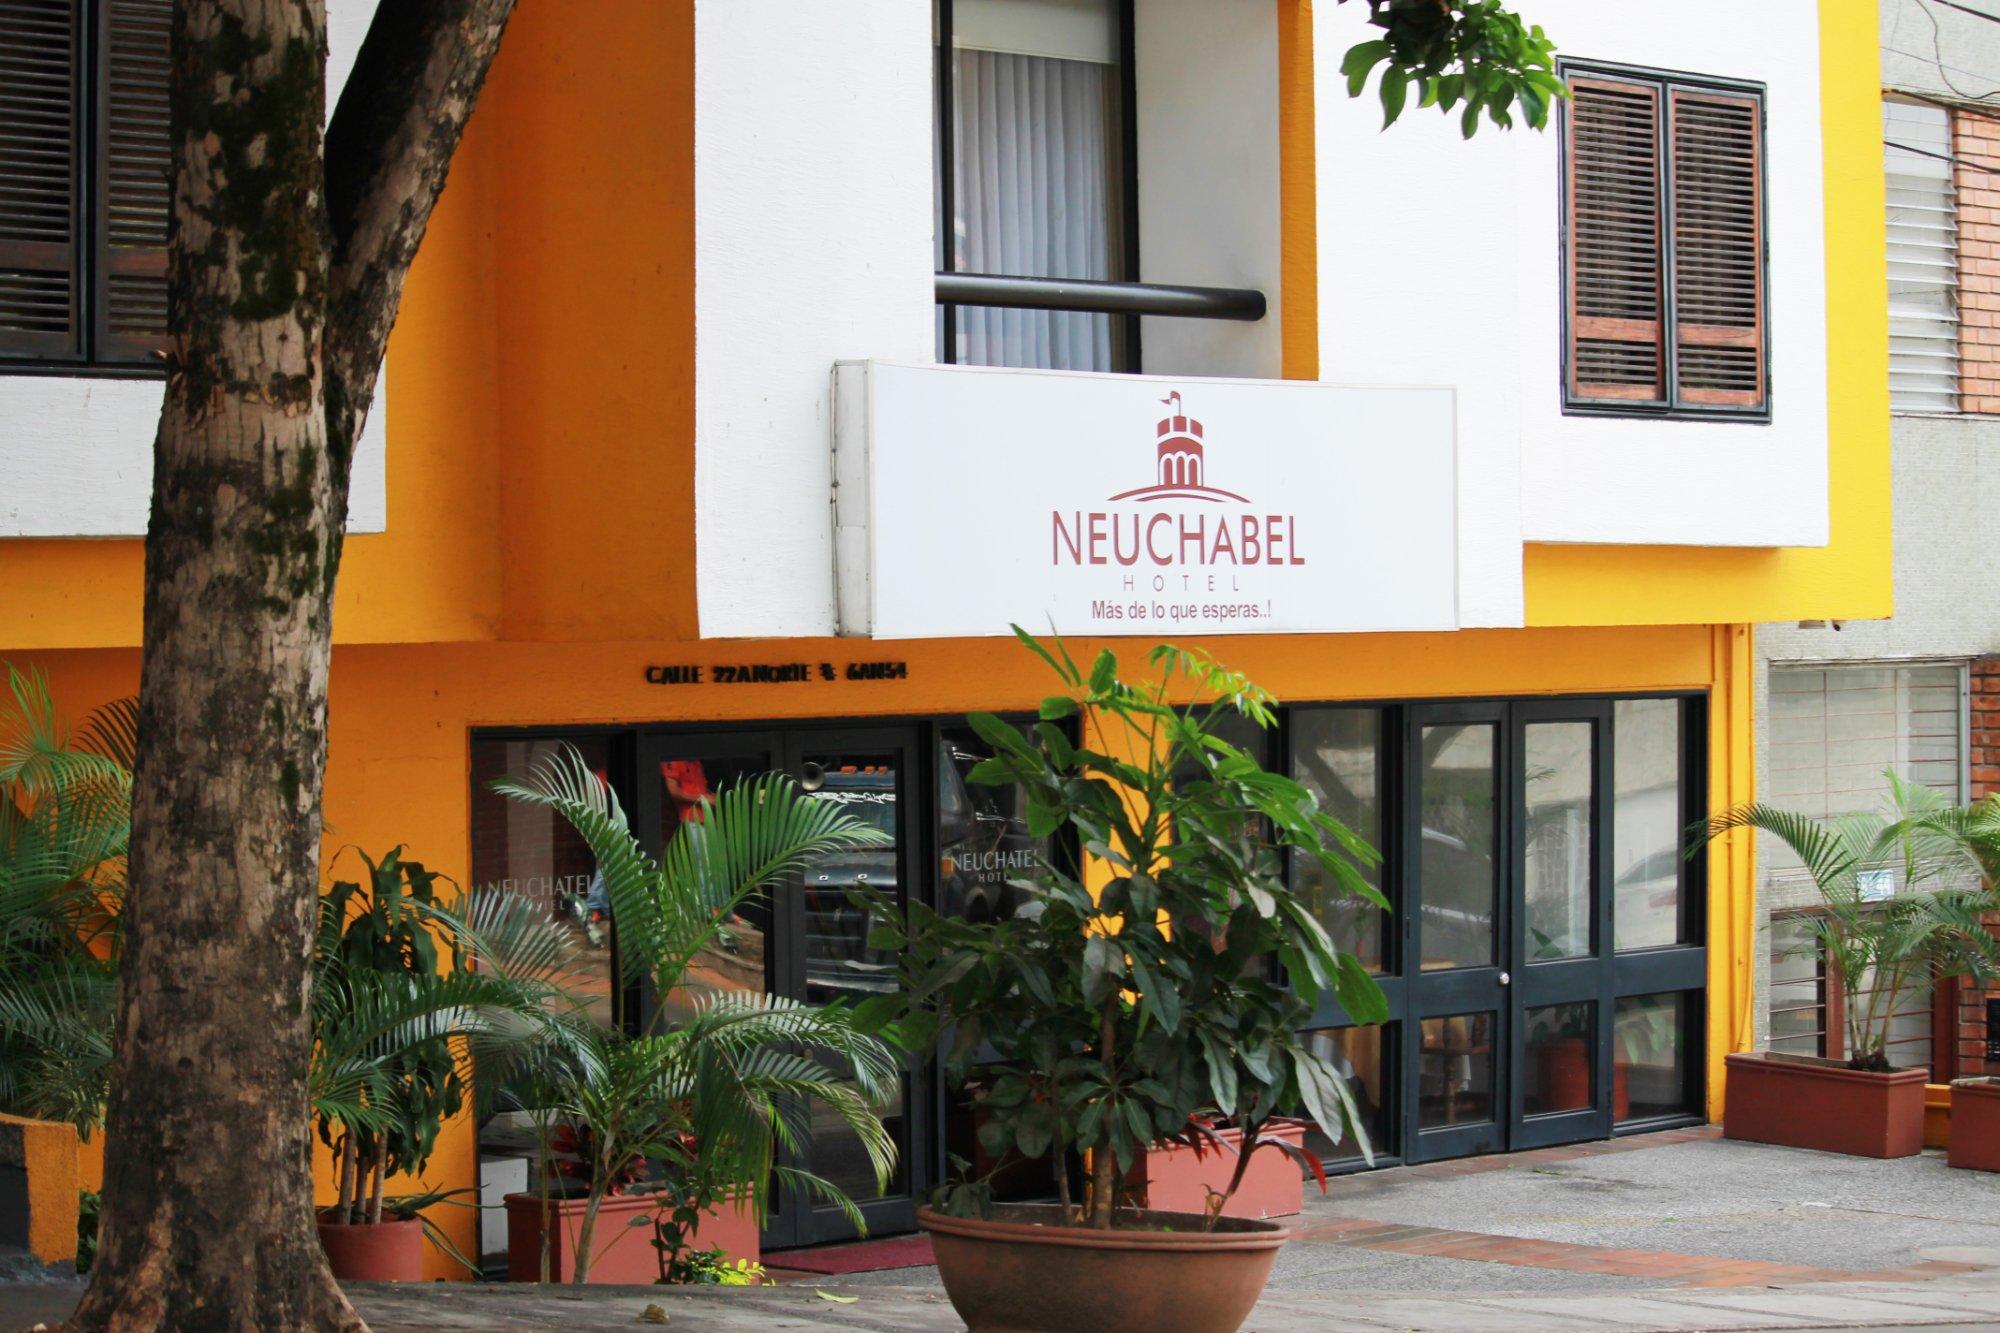 Hotel Neuchatel Cali